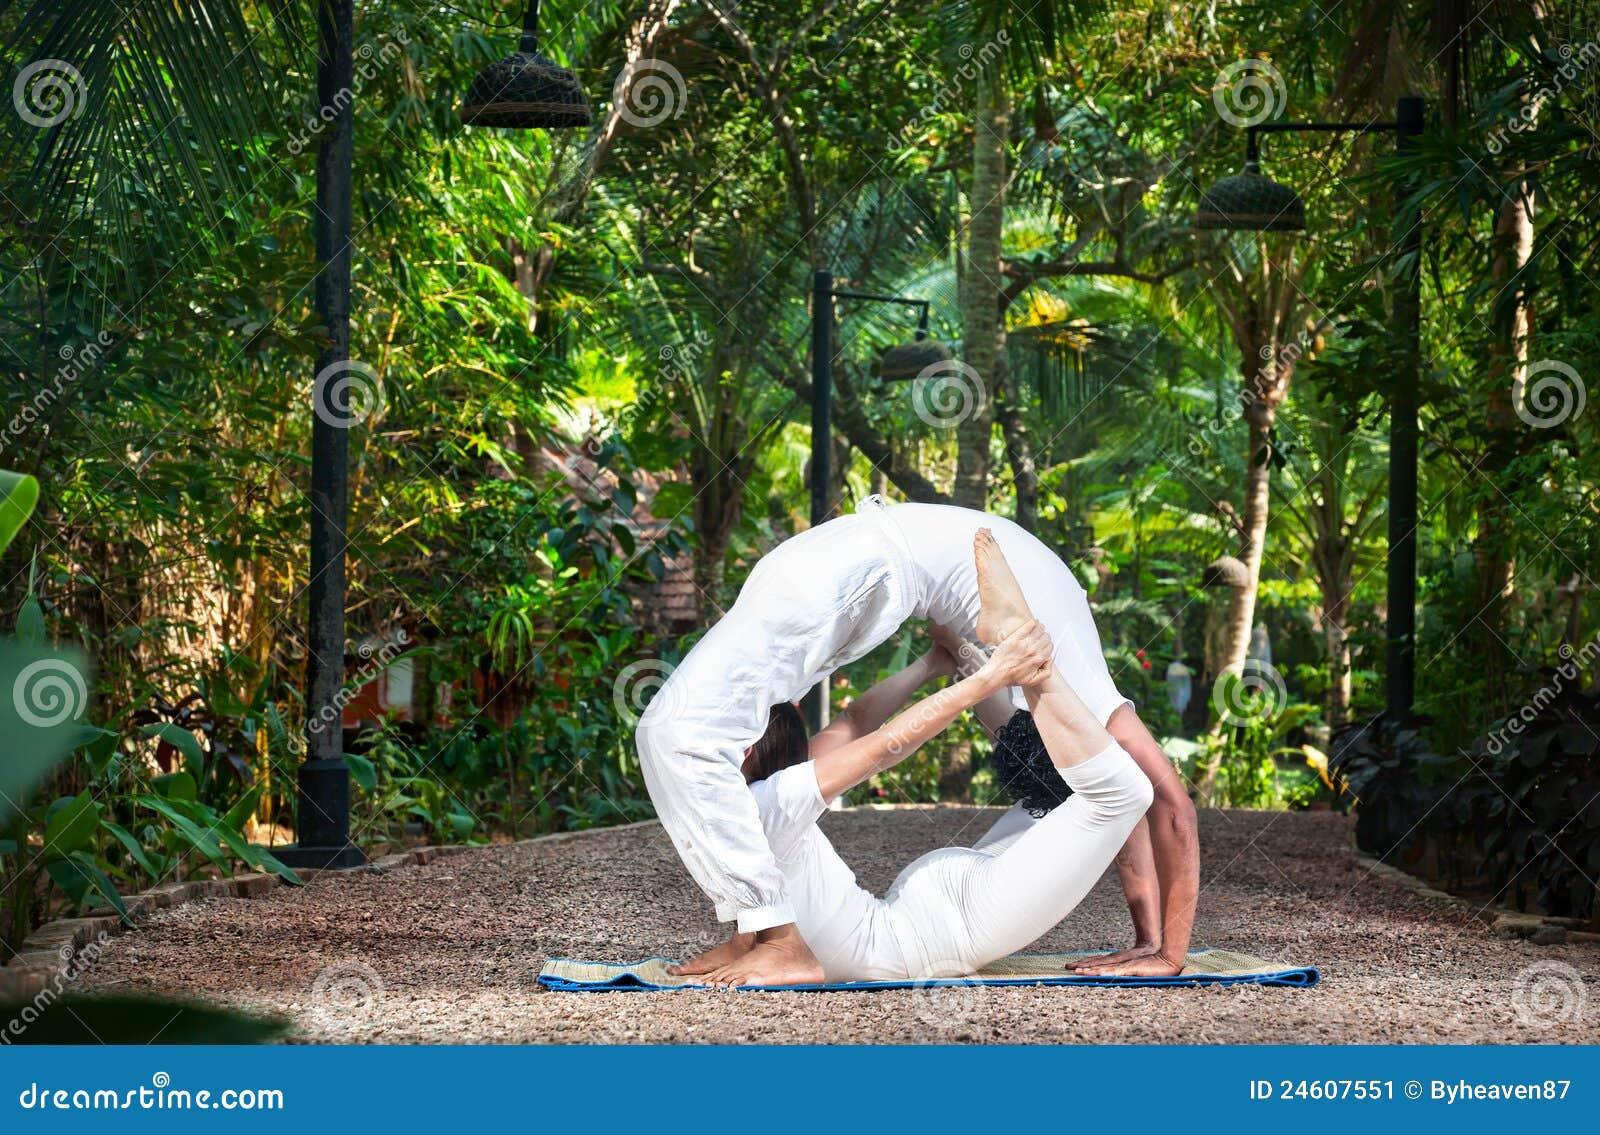 Eccezionale Coppia il cerchio di yoga immagine stock. Immagine di nave - 24607551 QI92